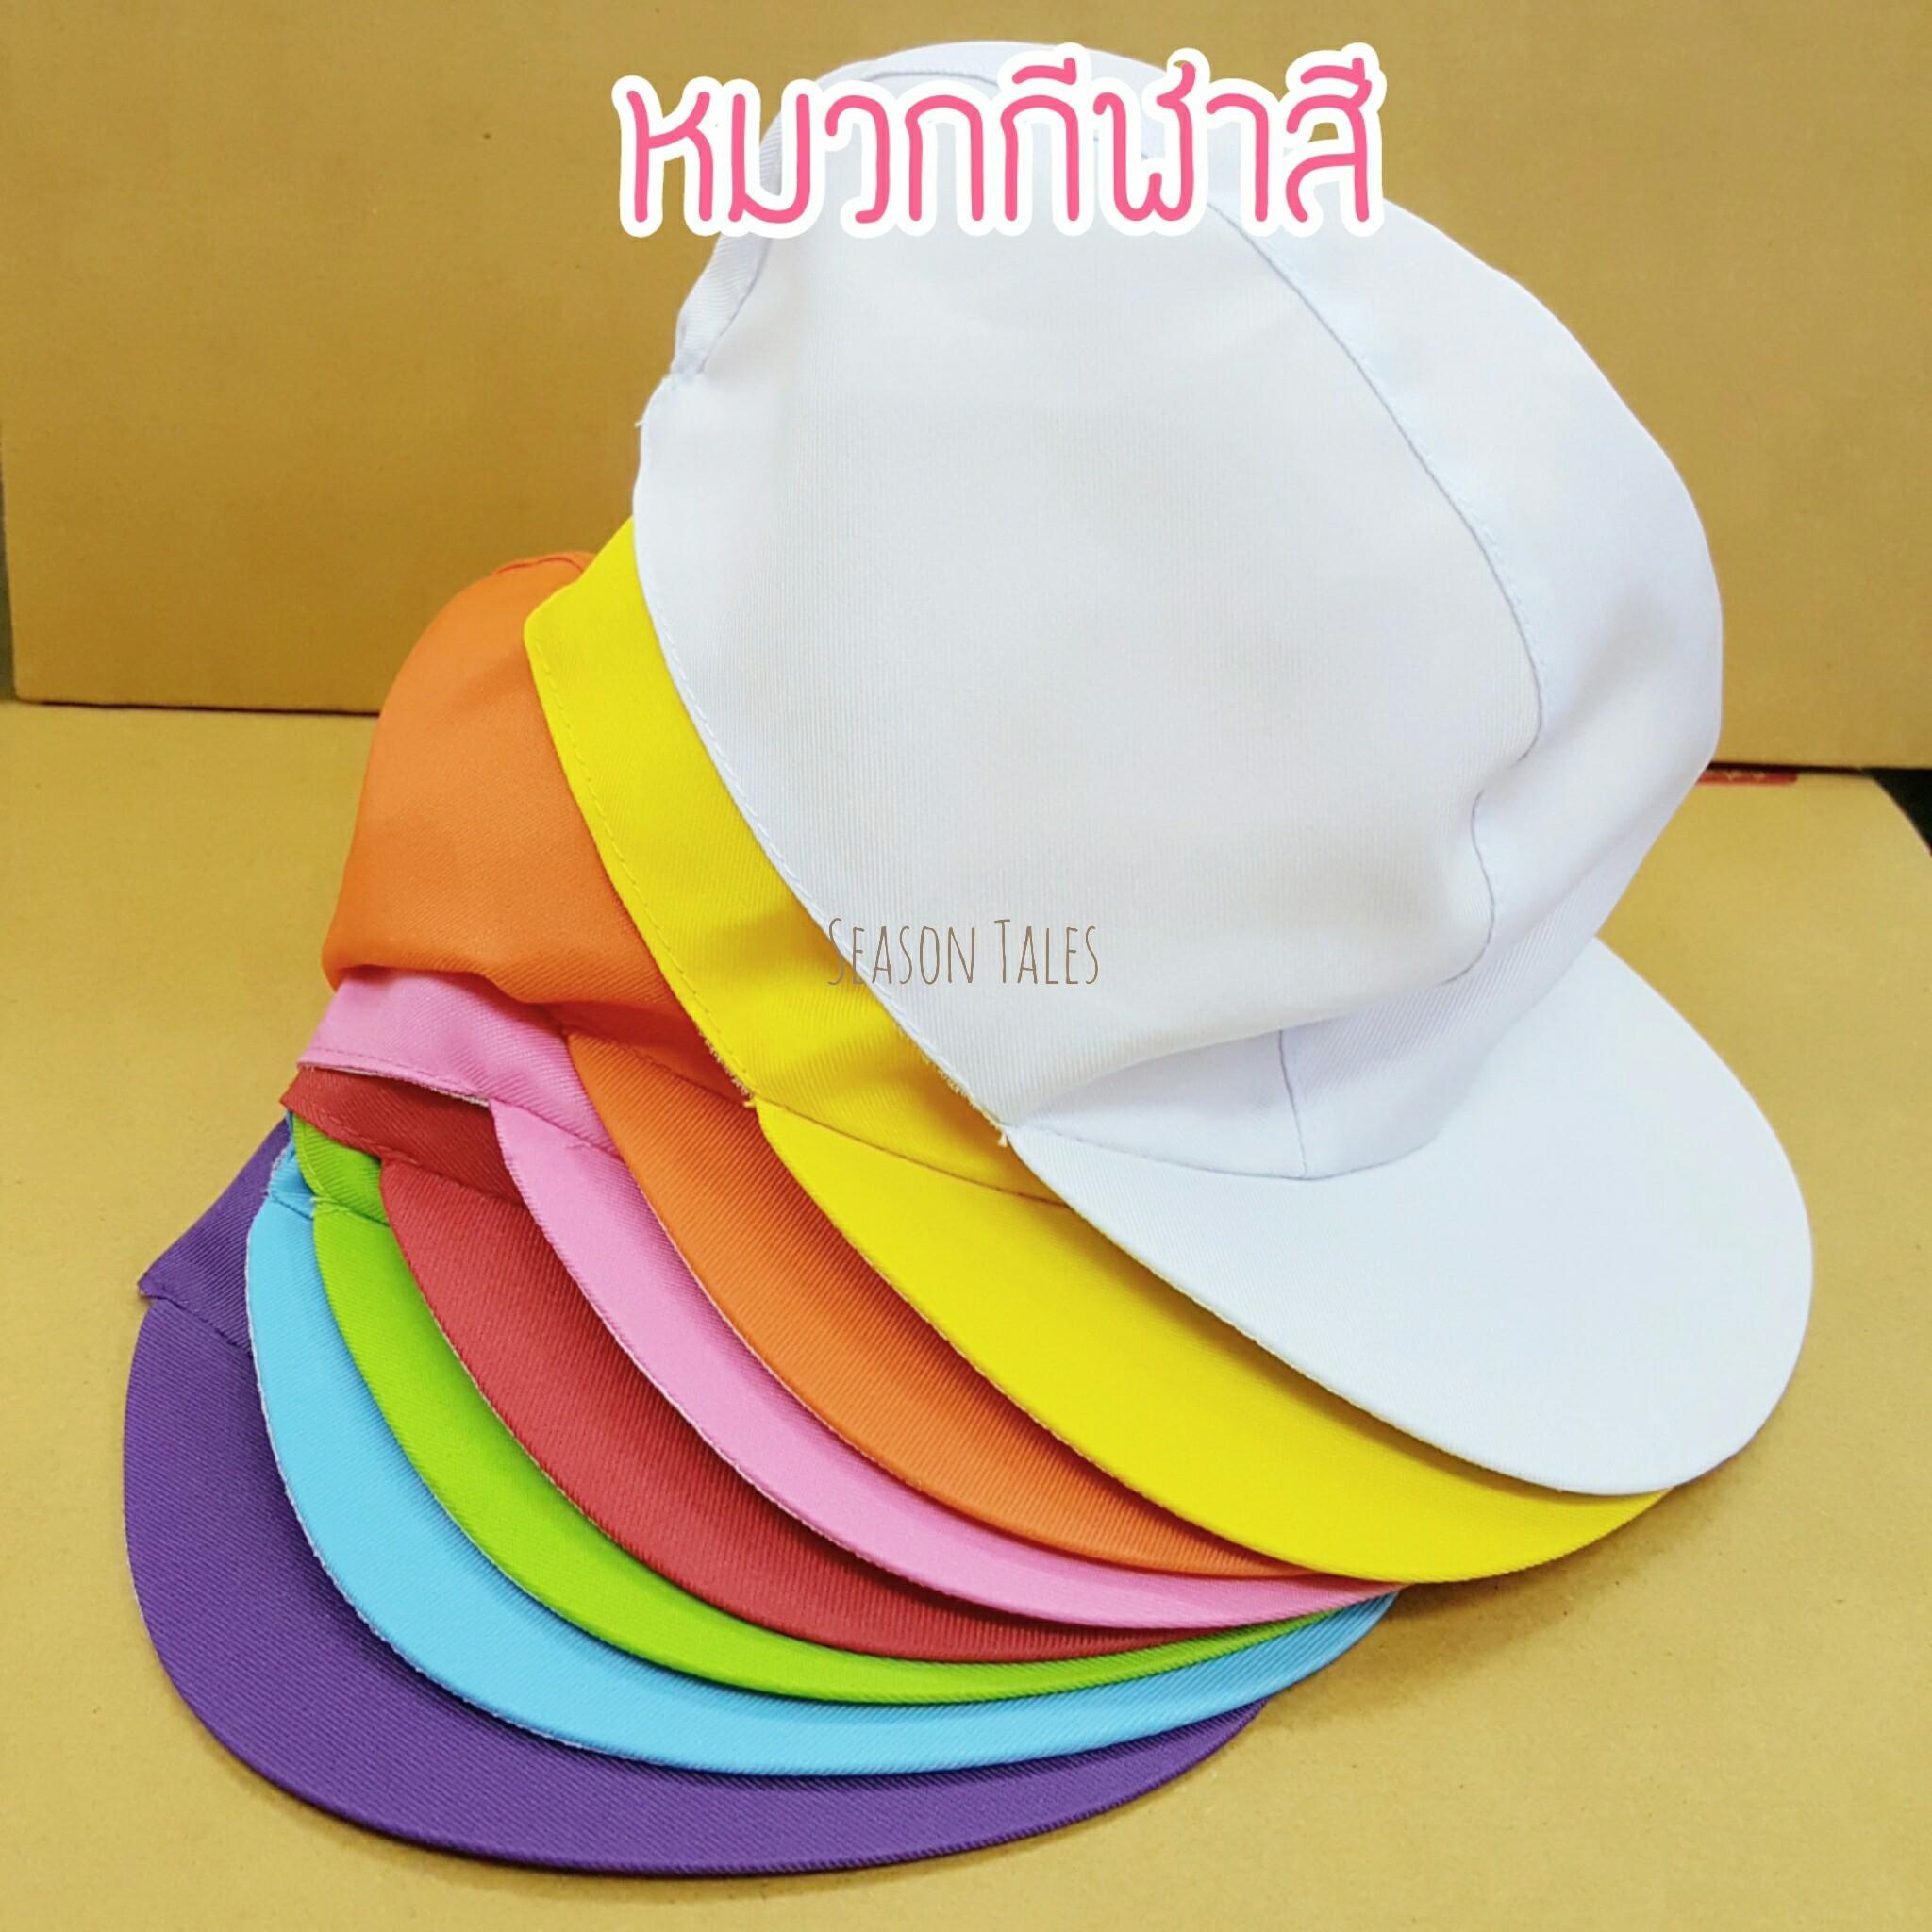 หมวกแก๊ปกีฬาสี ราคาส่ง ขายส่ง ถูก หลายสี (สั่งในเว็บไม่ได้ สั่งผ่านLine เท่านั้น)